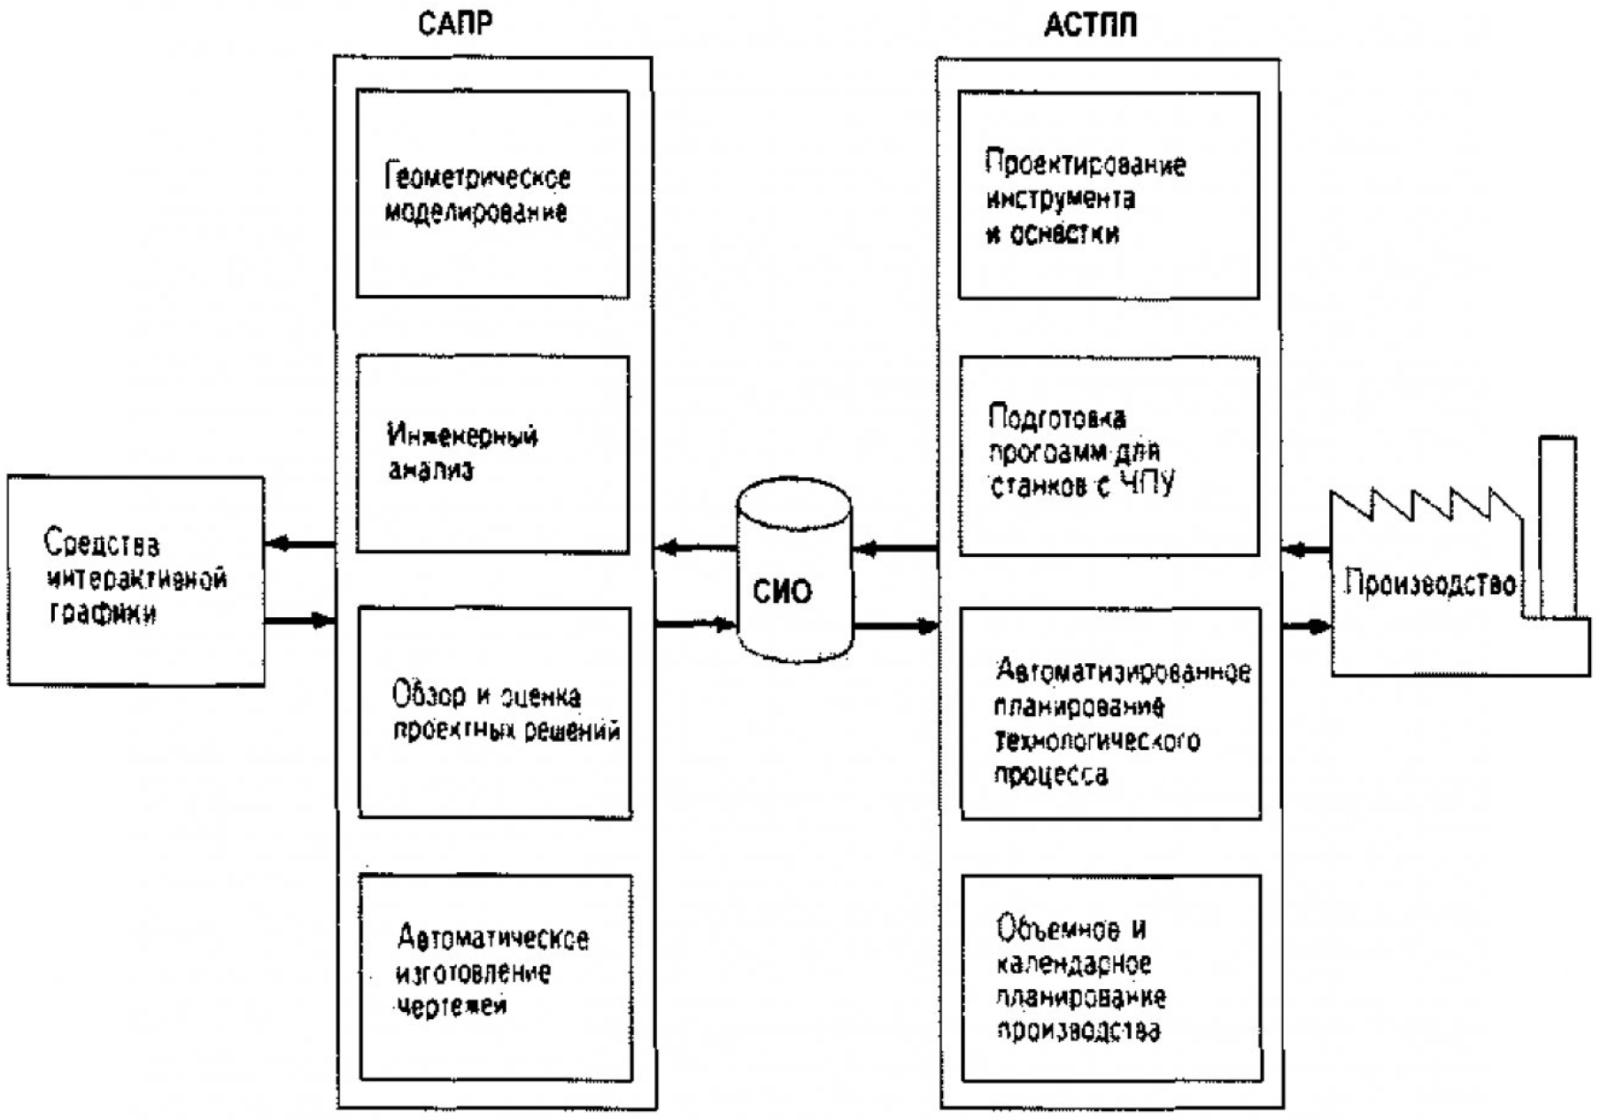 Формирование системы информационного обеспечения интегрированного производственного комплекса 1